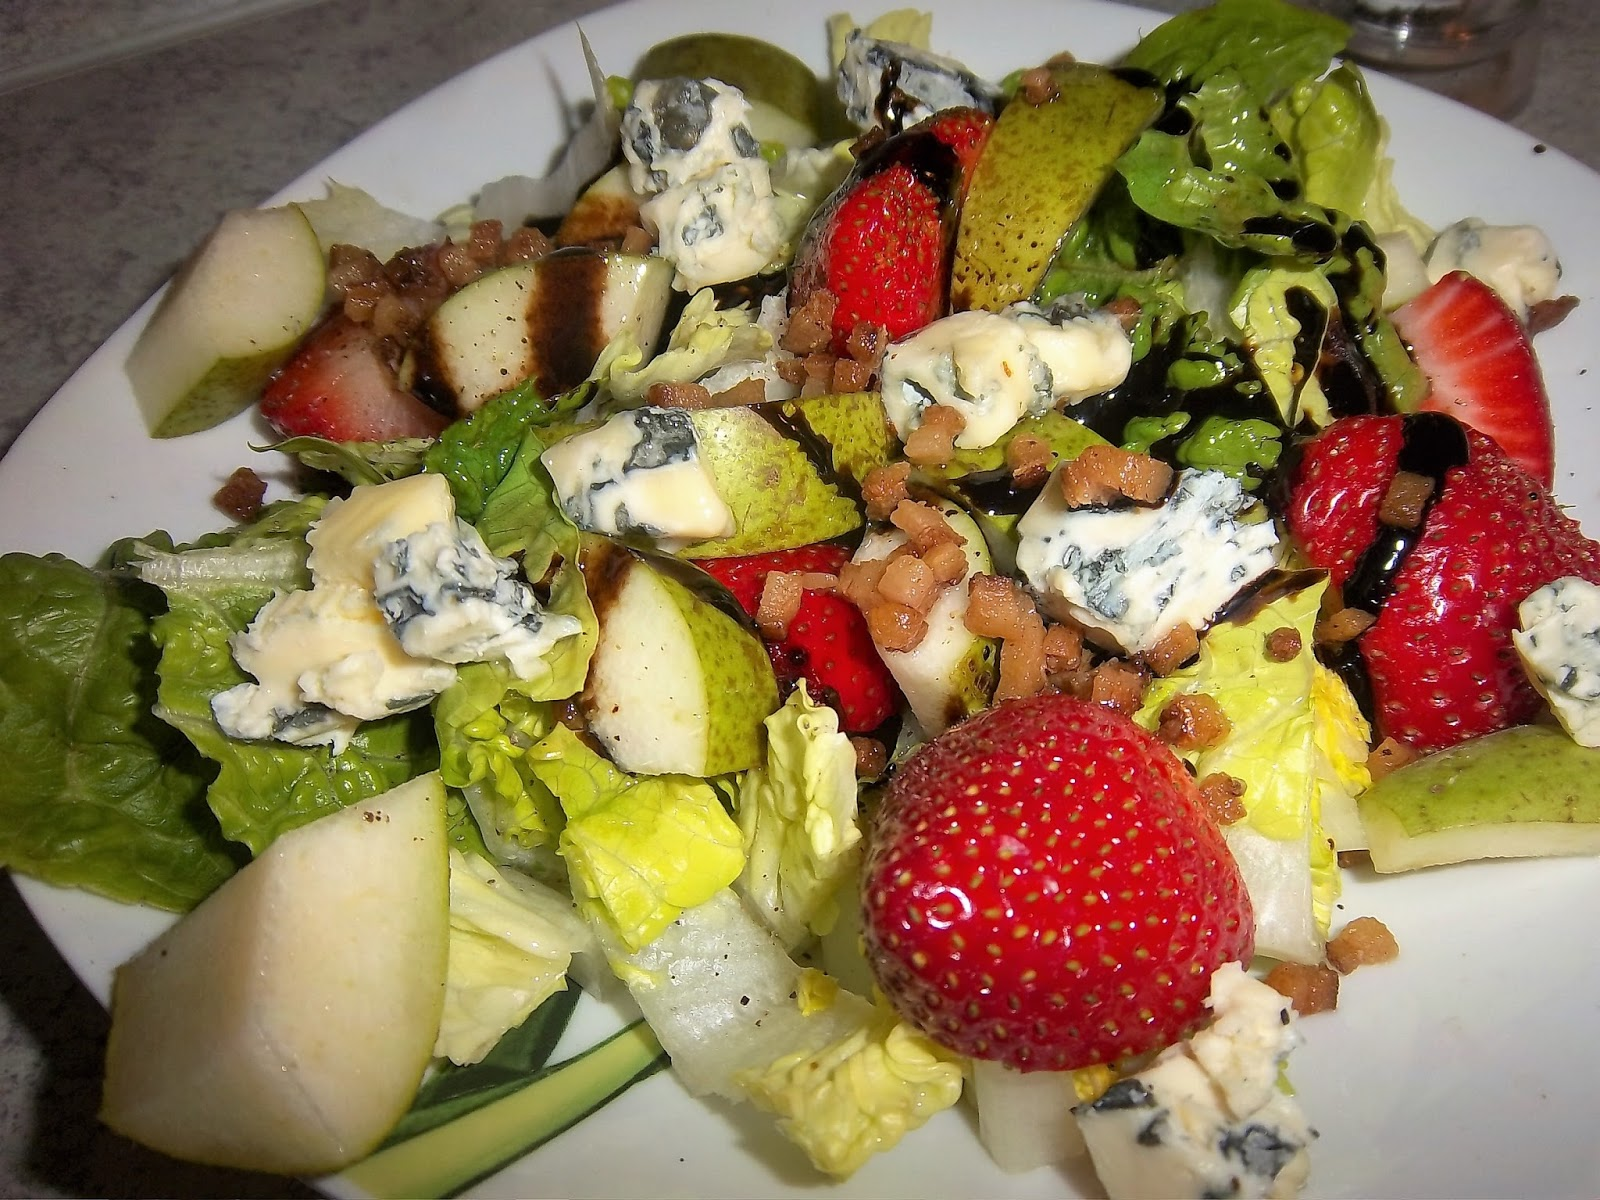 Grüner Salat mit Walnüssen, Blauschimmelkäse, Erdbeeren und Birne